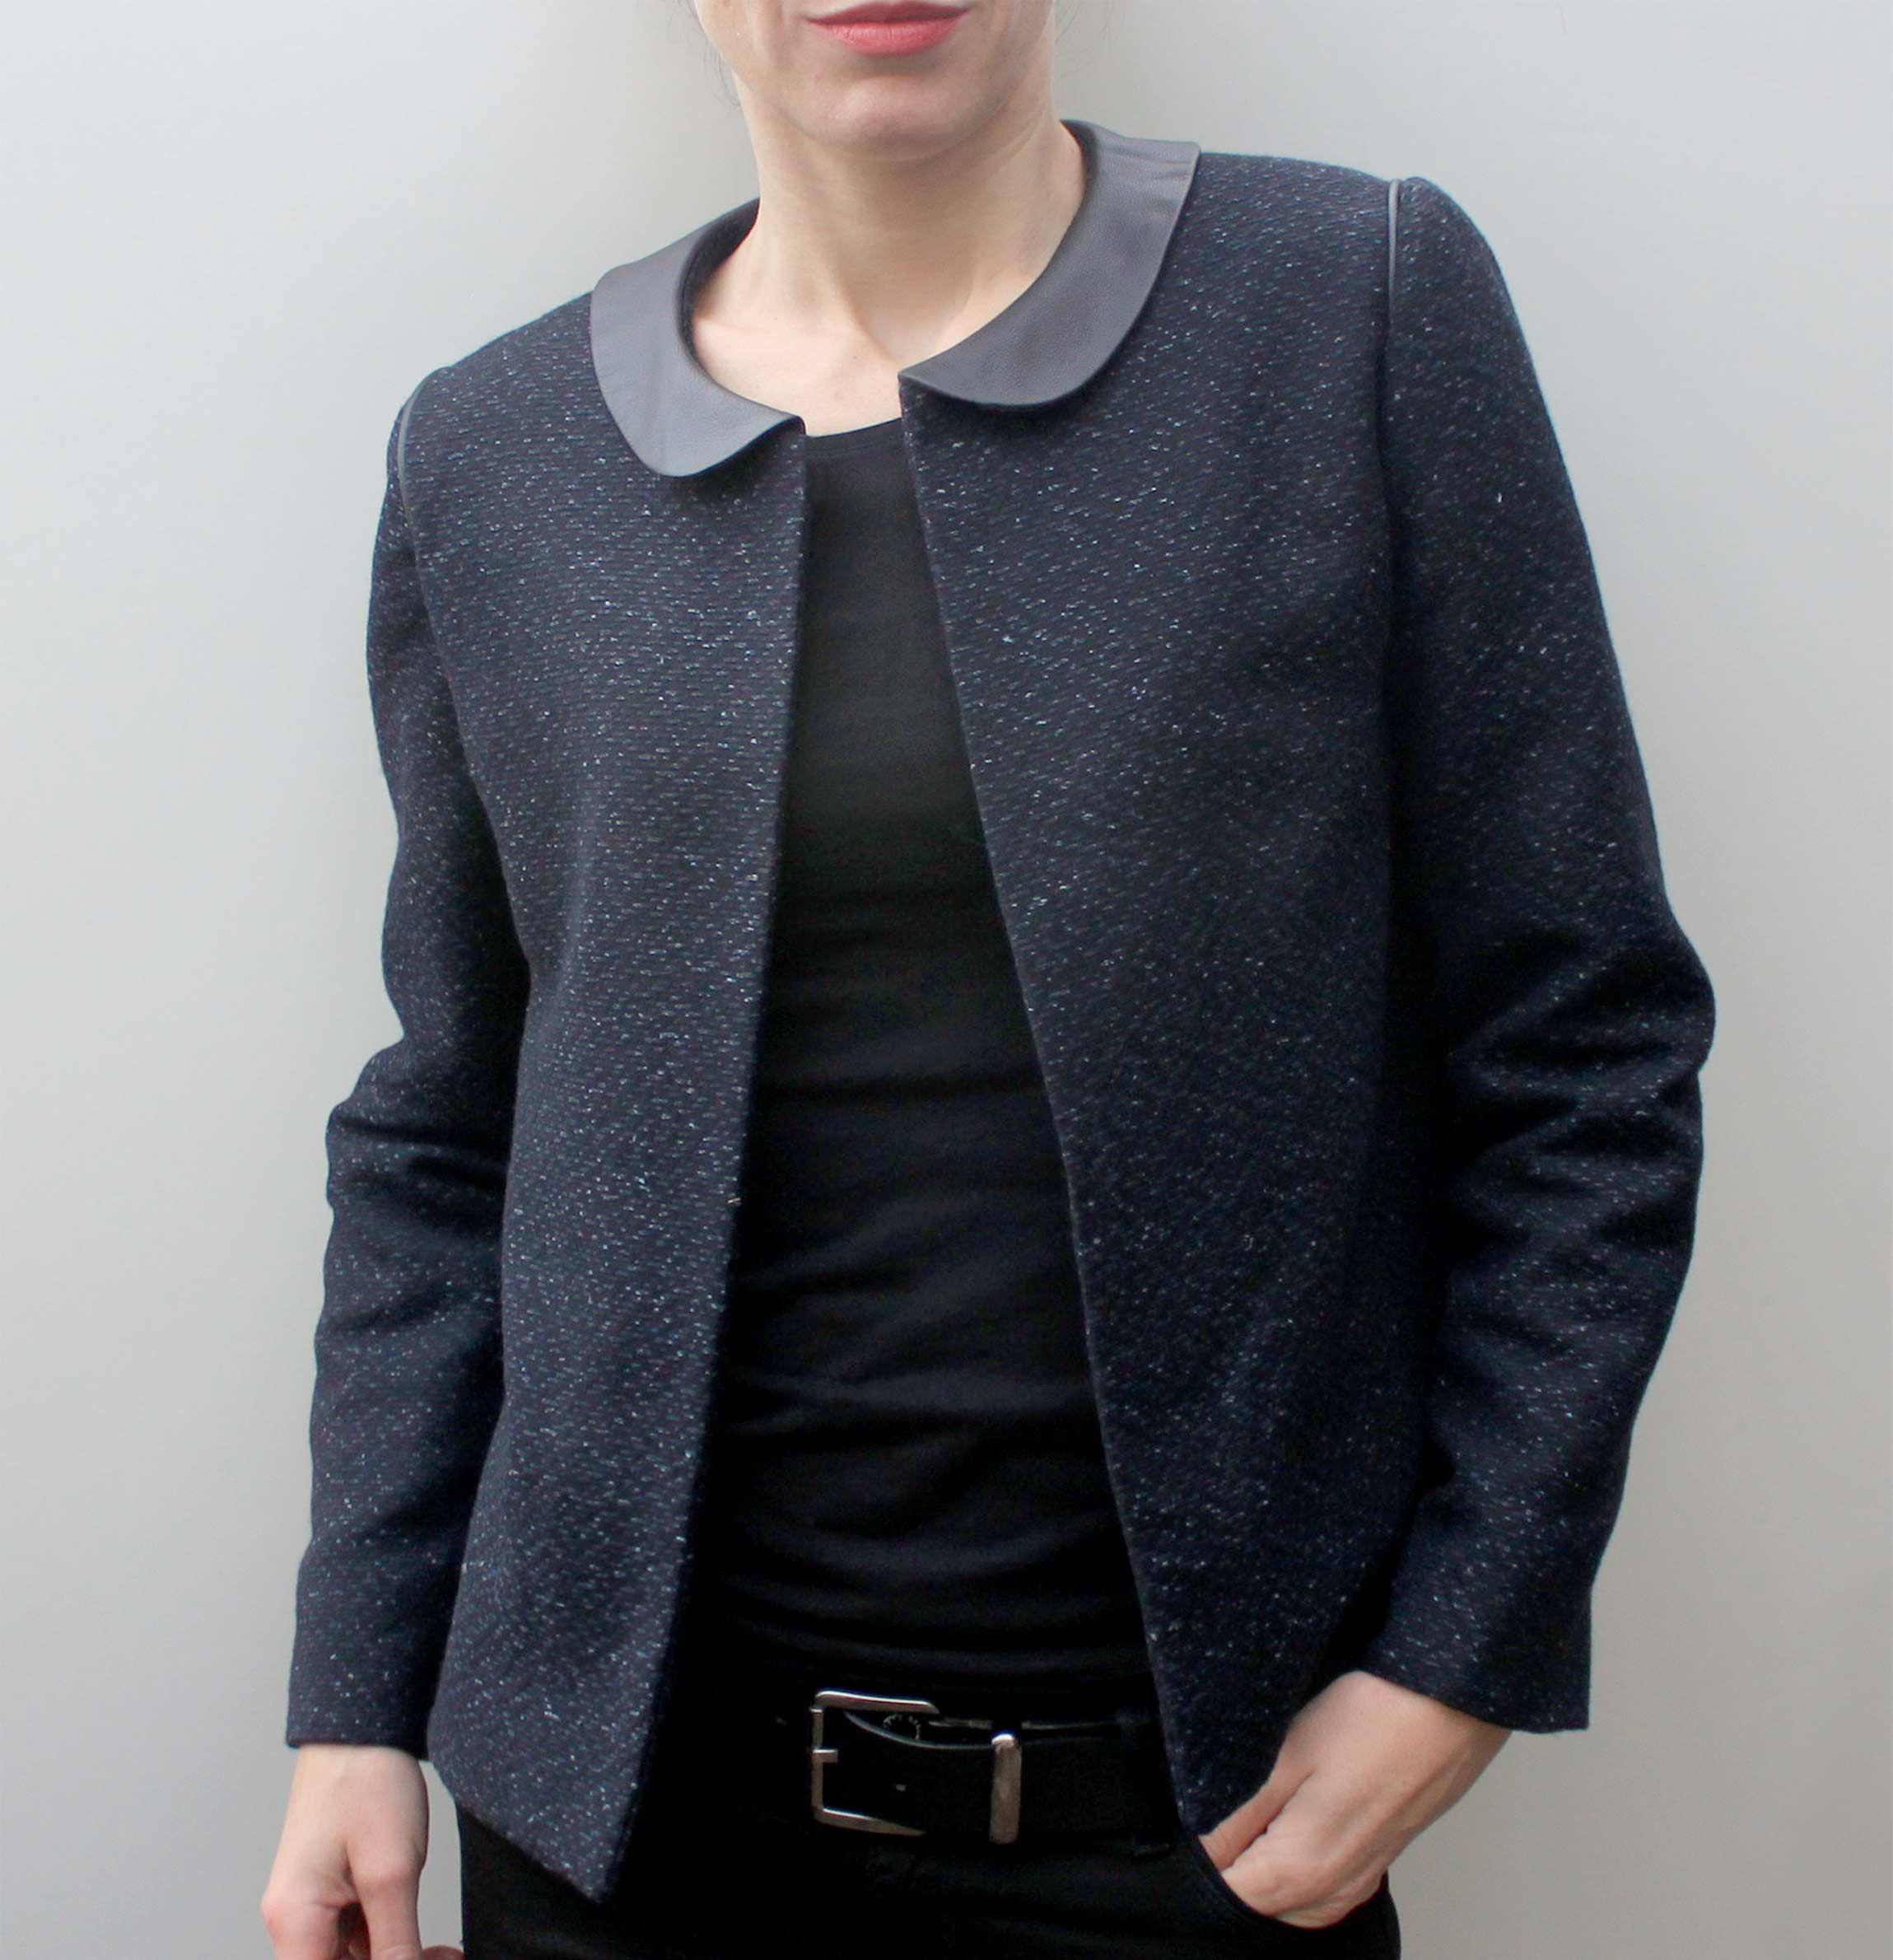 Bien connu 1-veste-Claudie-patron-de-couture-pour-femme | Sewing Inspiration  QJ06